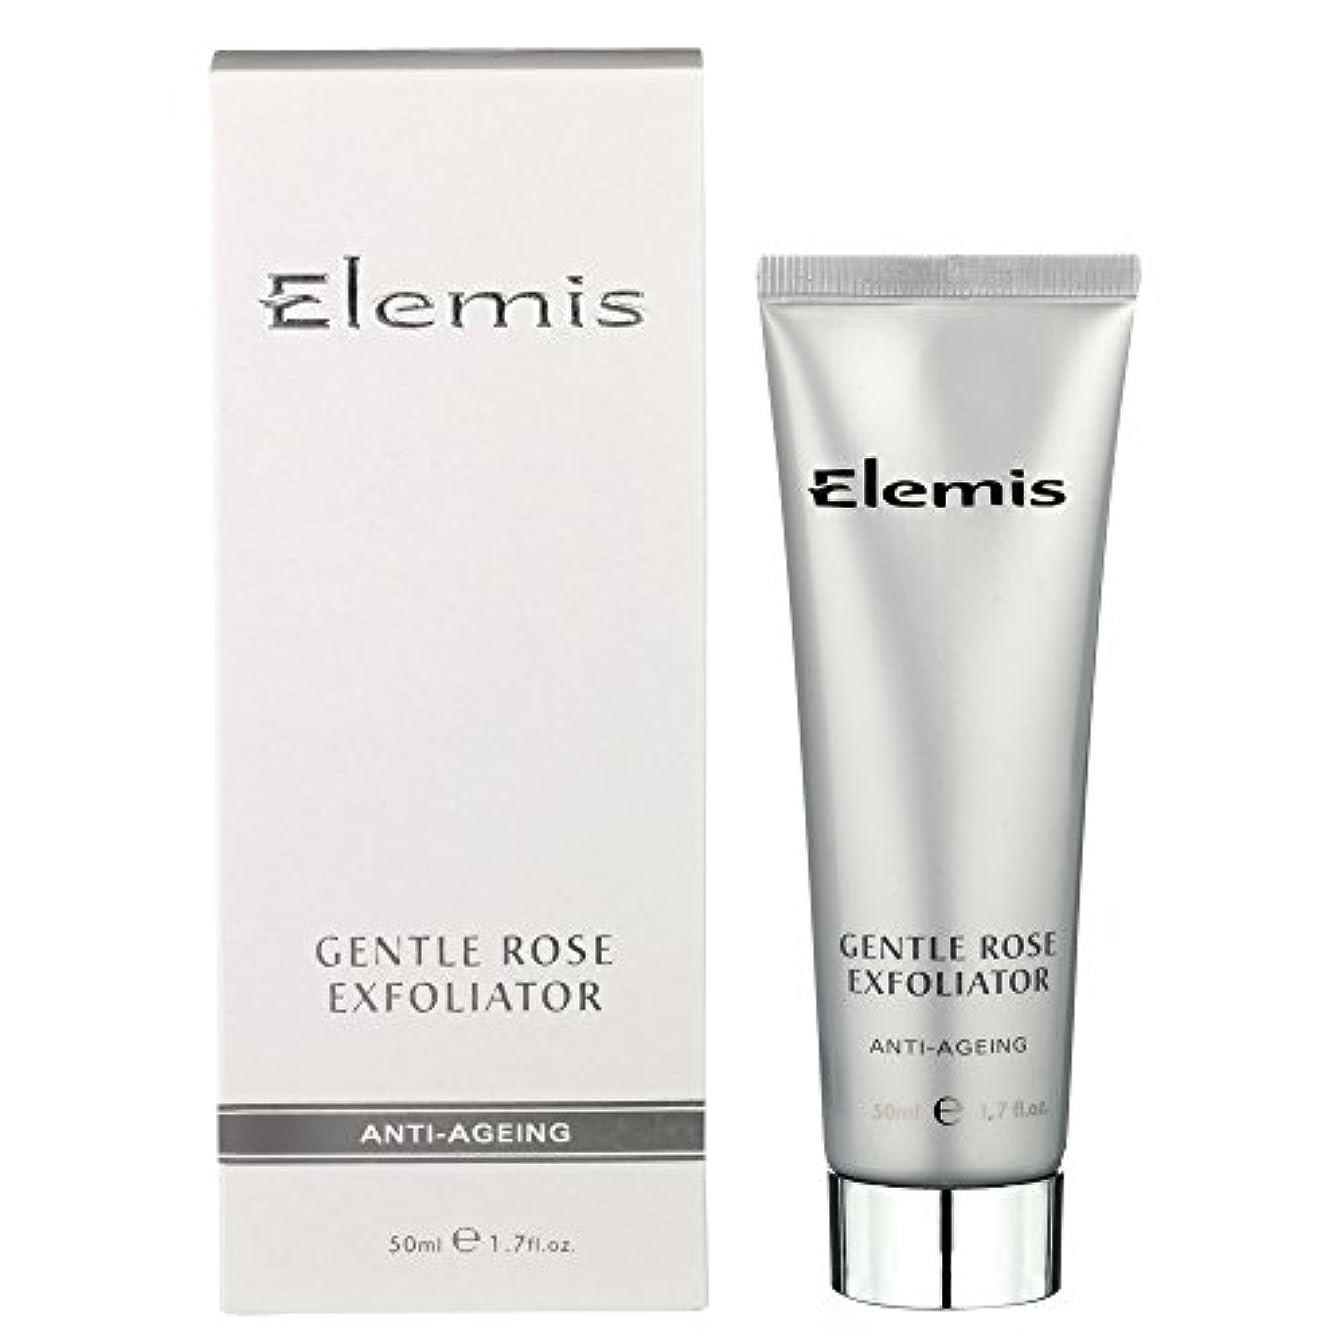 絞るありがたいキャッチエレミスは穏やかなエクスフォリエーターをバラ (Elemis) (x6) - Elemis Gentle Rose Exfoliator (Pack of 6) [並行輸入品]